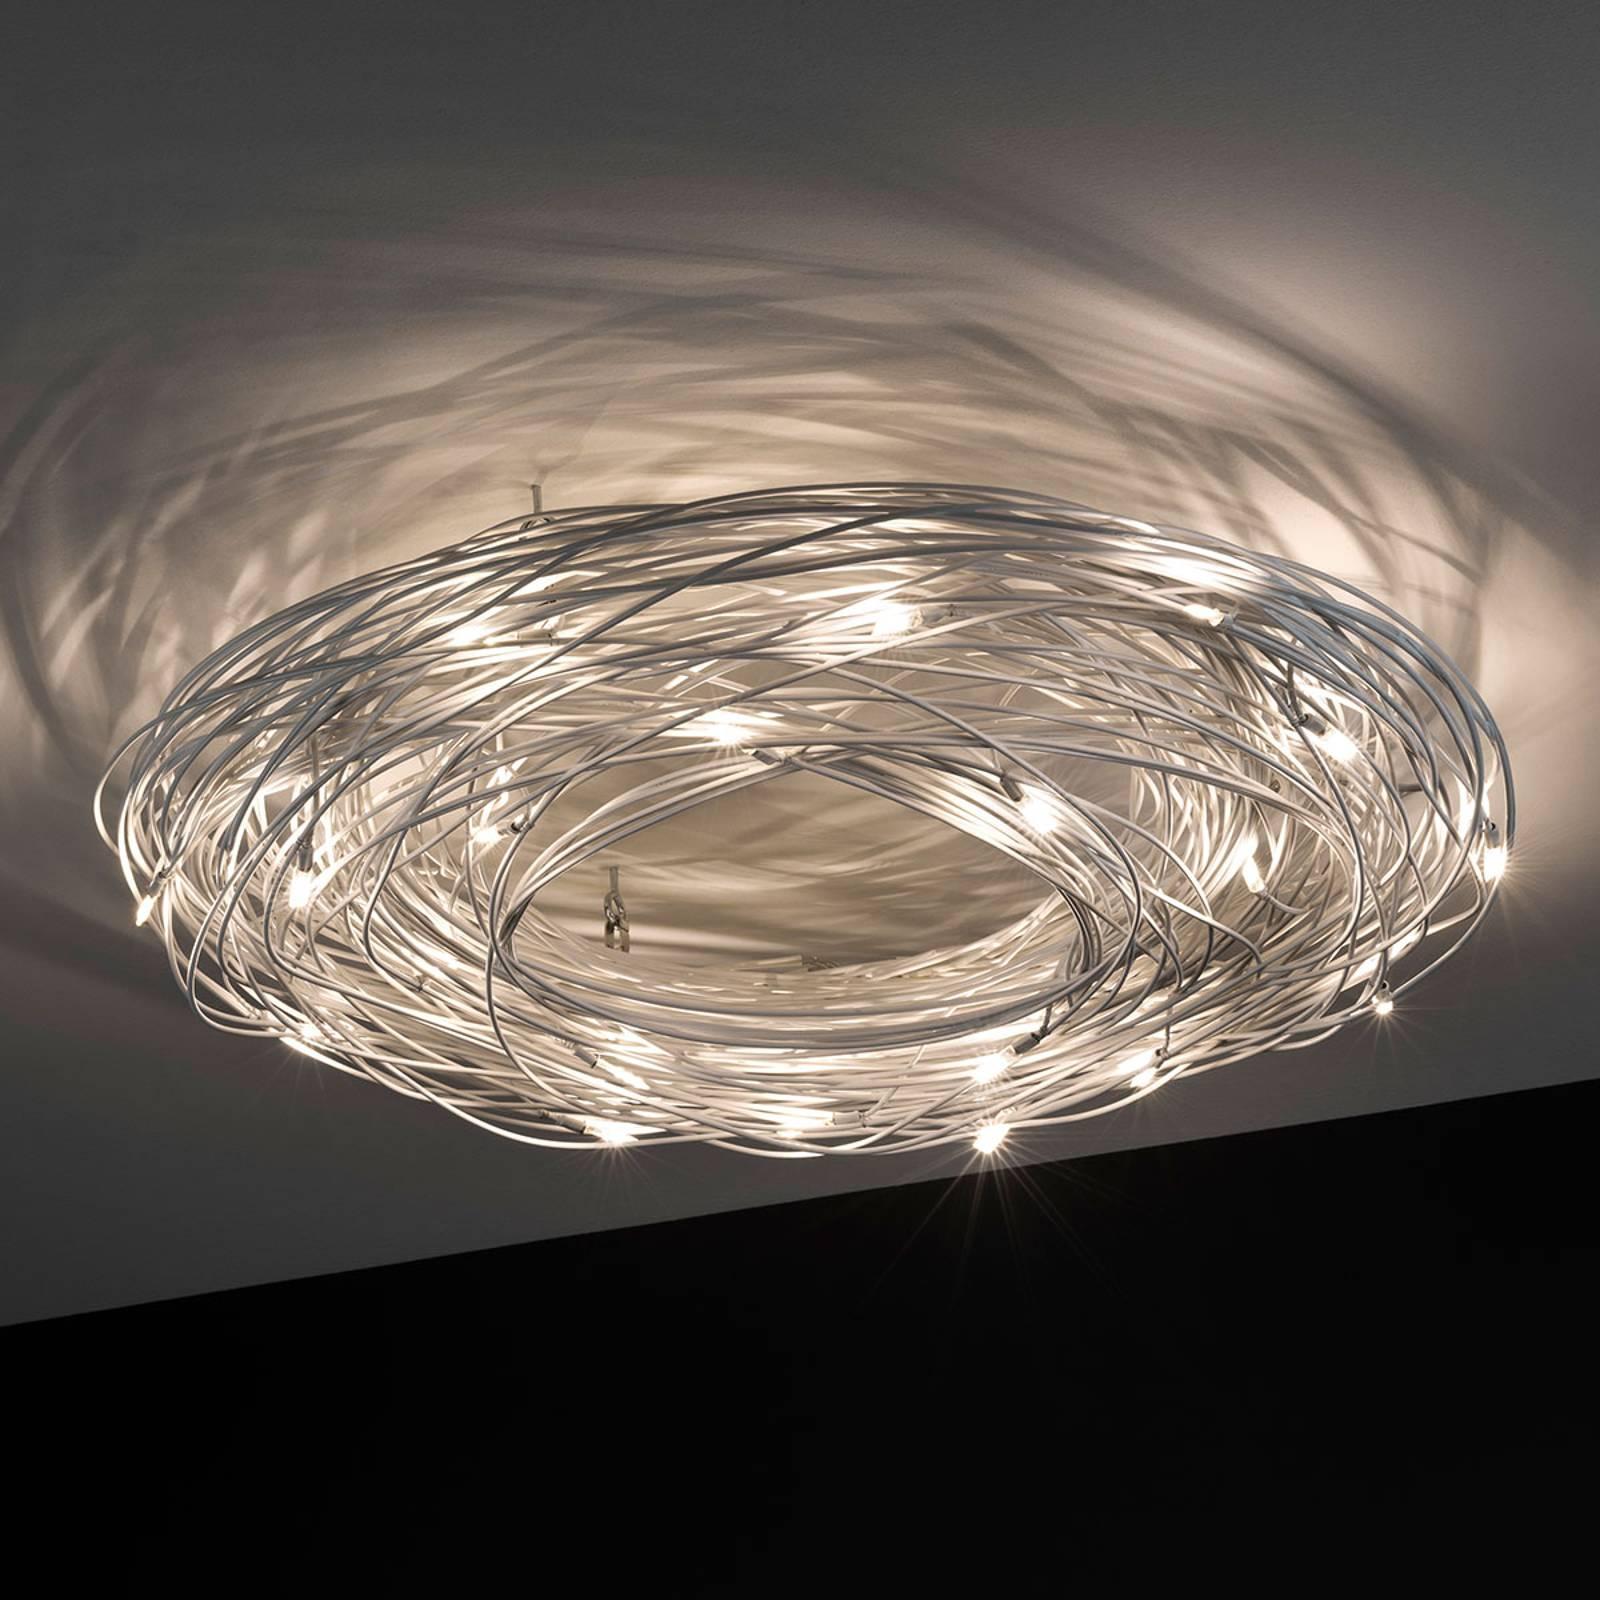 Lampa sufitowa LED Confusione, drut aluminiowy